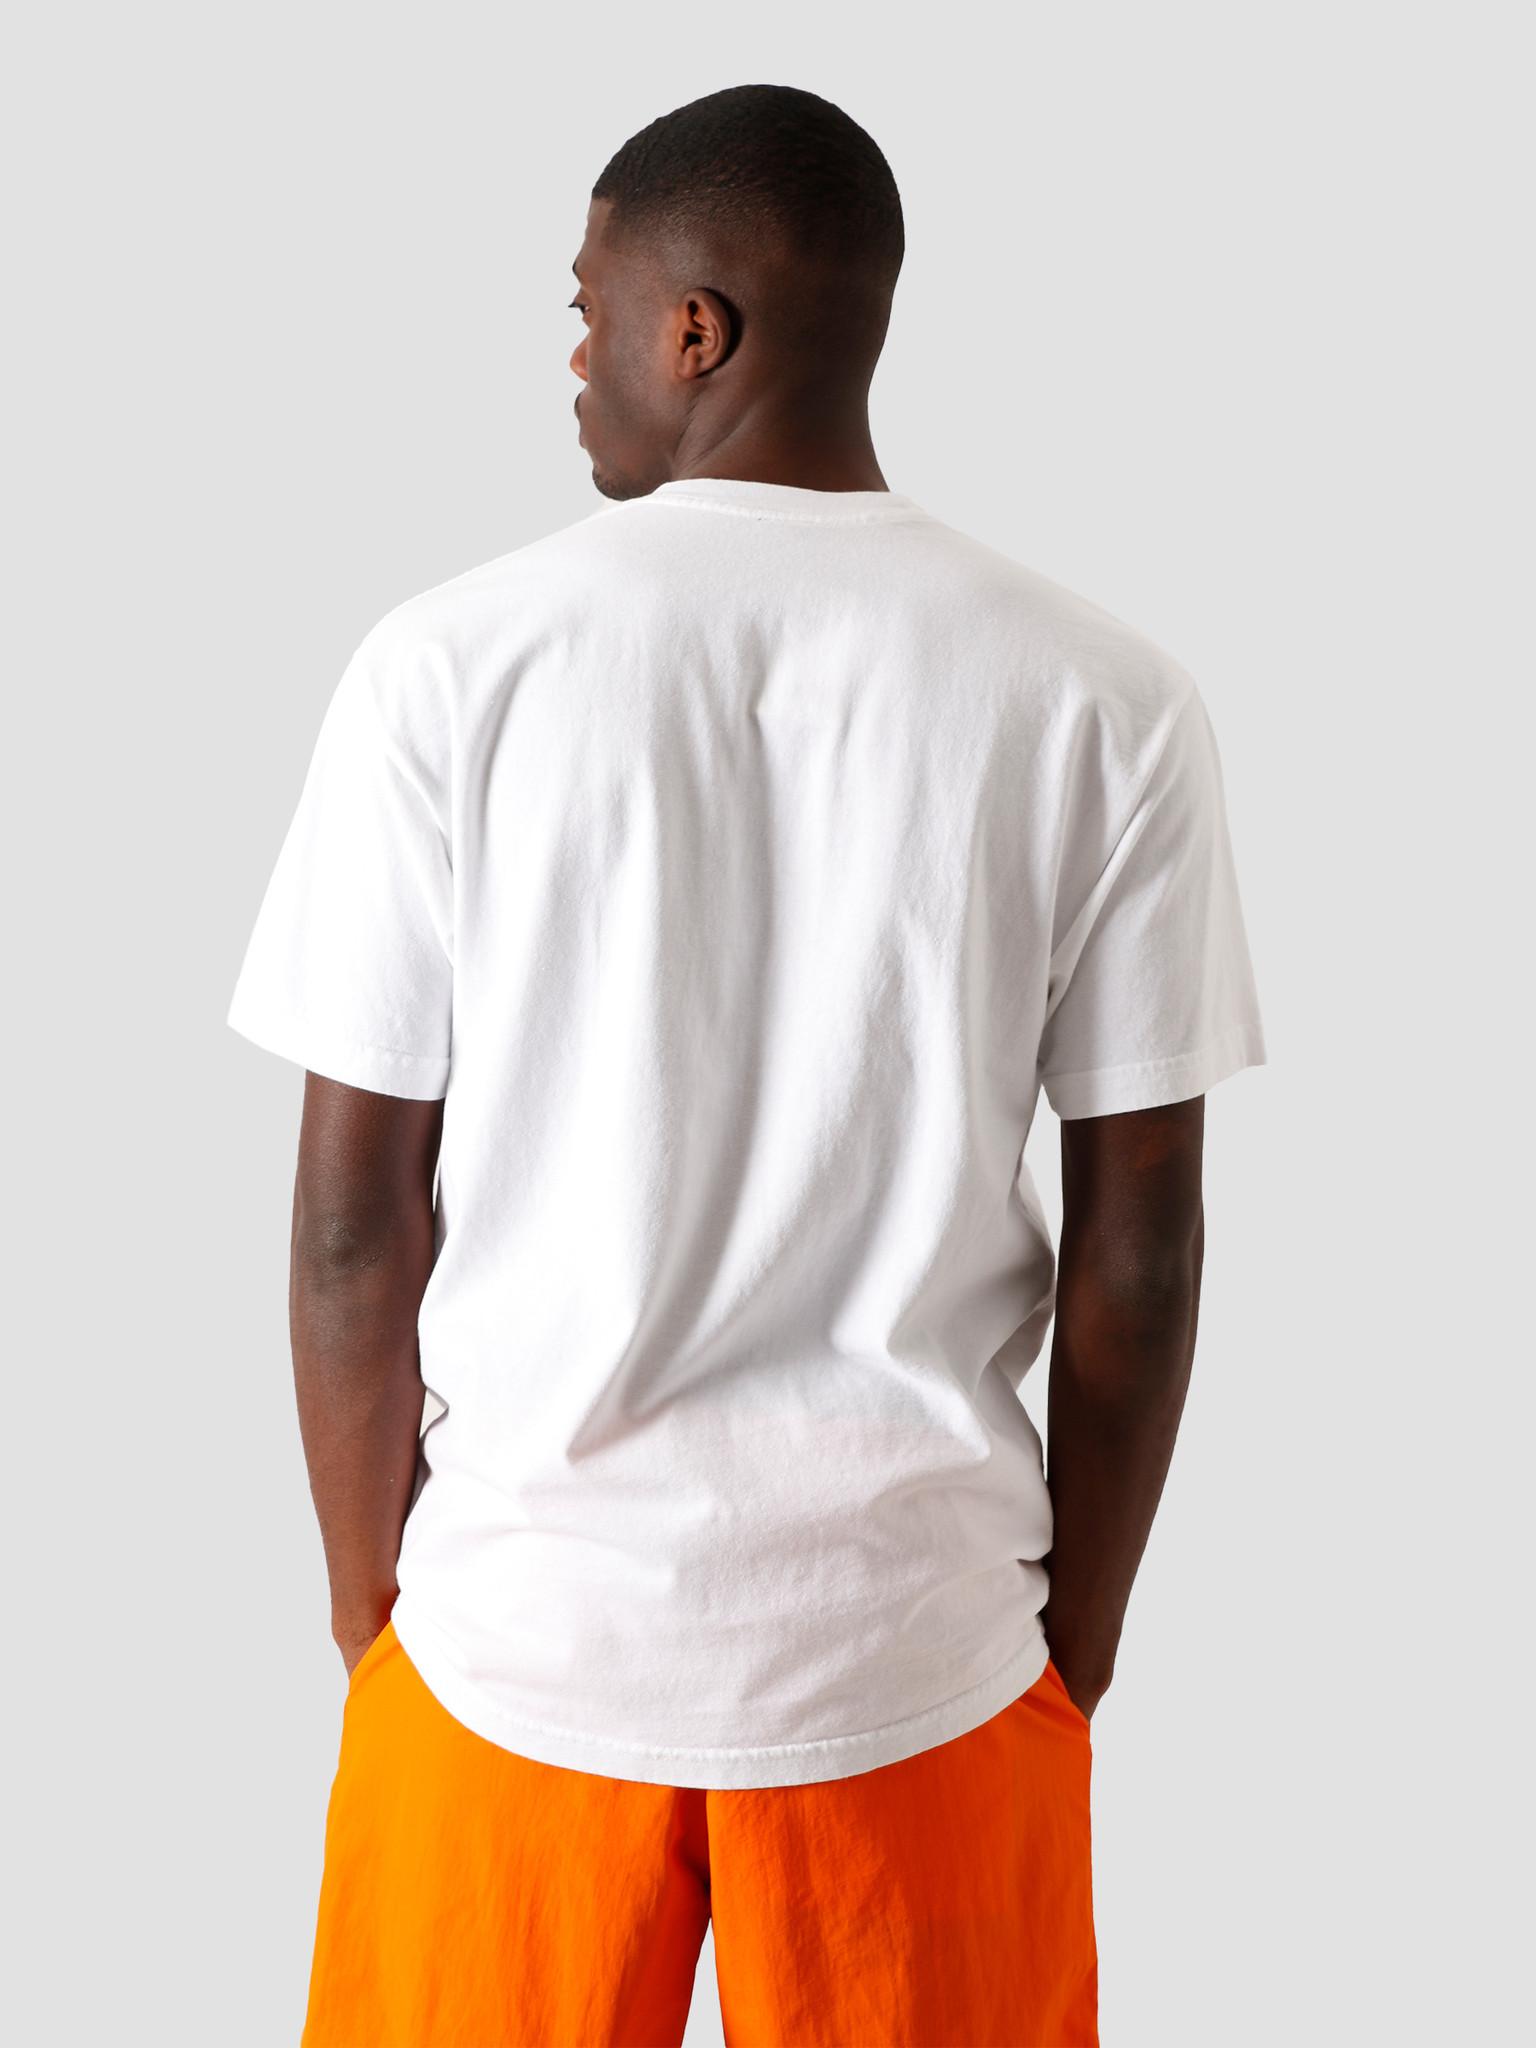 Obey Obey Novel Obey 3 T-Shirt White 166911838 WHT